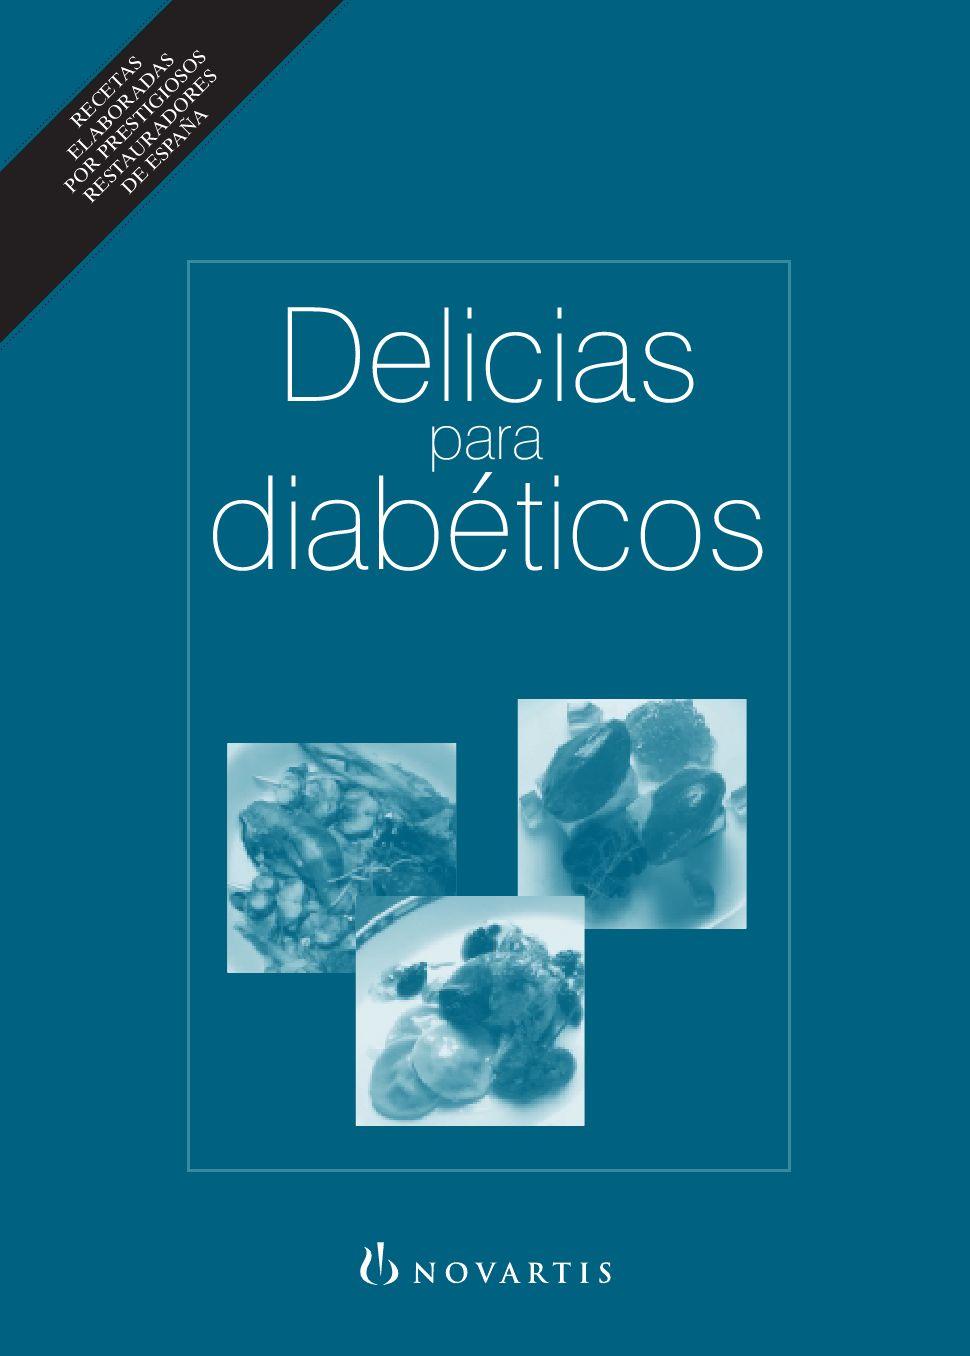 Delicias para diabéticos by mperezp - issuu